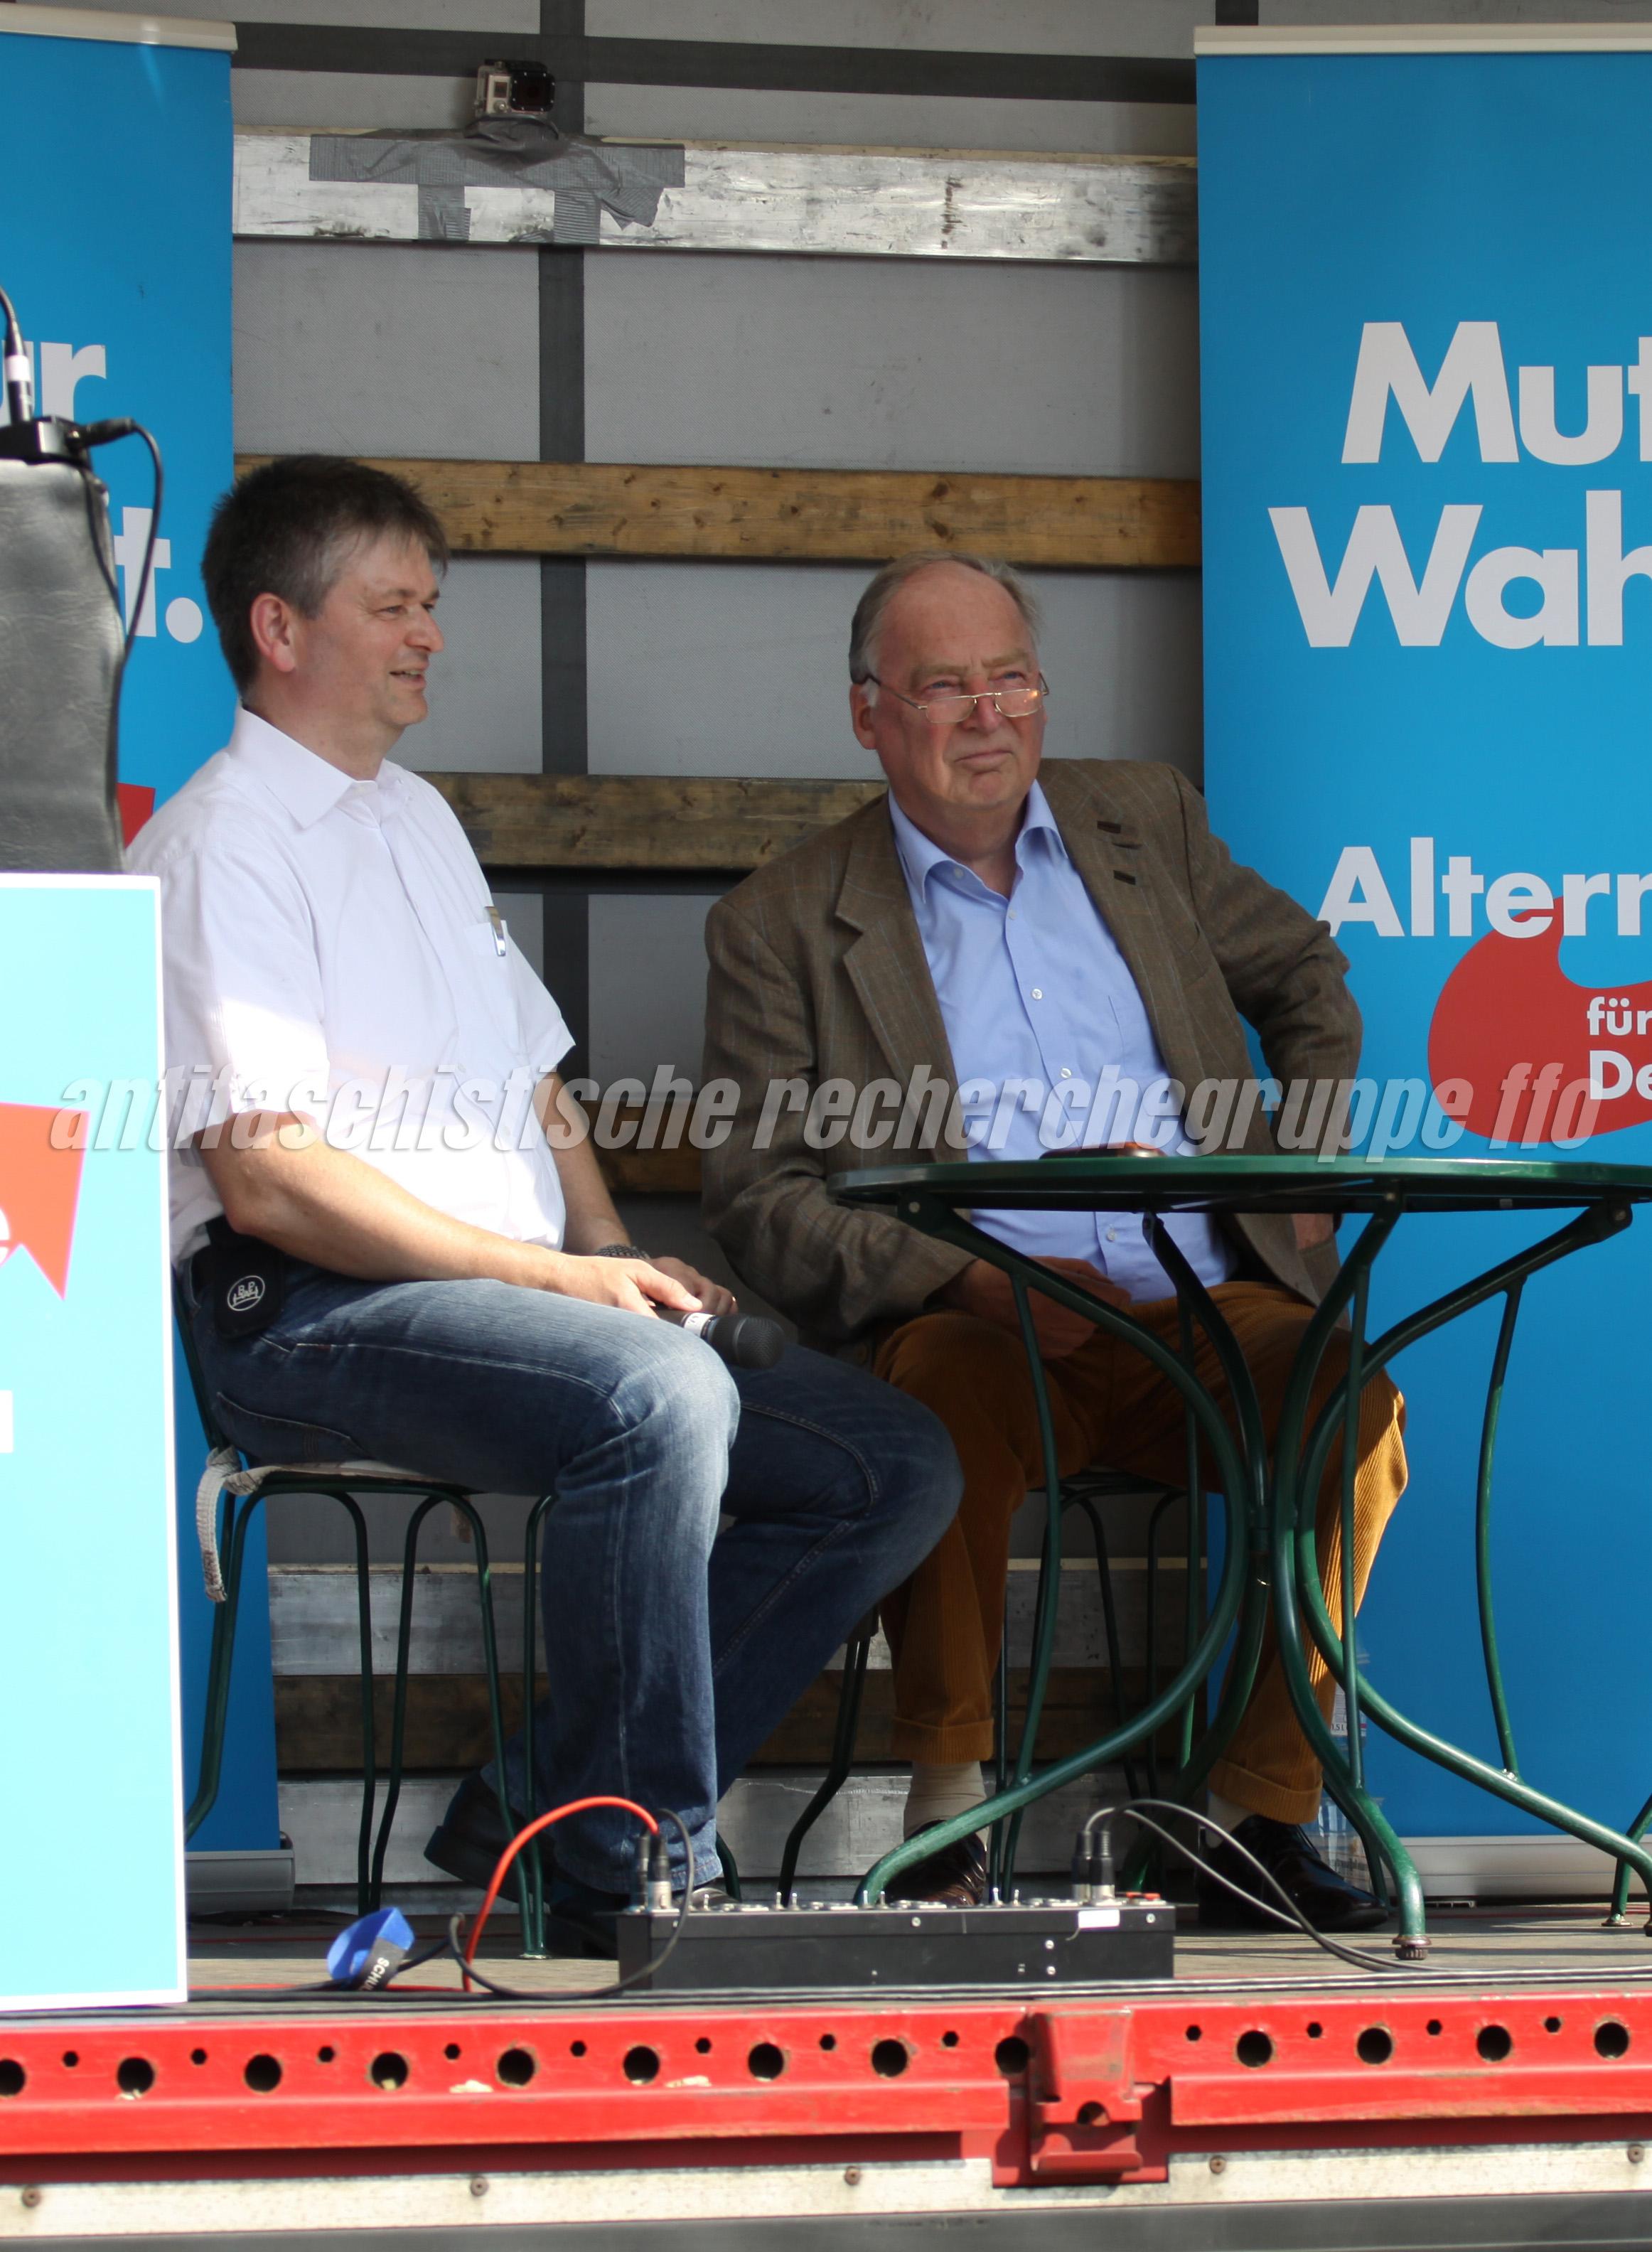 Die AfD und ihre Fans: Während Wilko Möller (l.) und der AfD-Landesvorsitzende Alexander Gauland (r.) auf einer Kundgebung am 6. September 2014 in Frankfurt (Oder) Wahlakampf machen … (Foto: pressedienst frankfurt (oder))